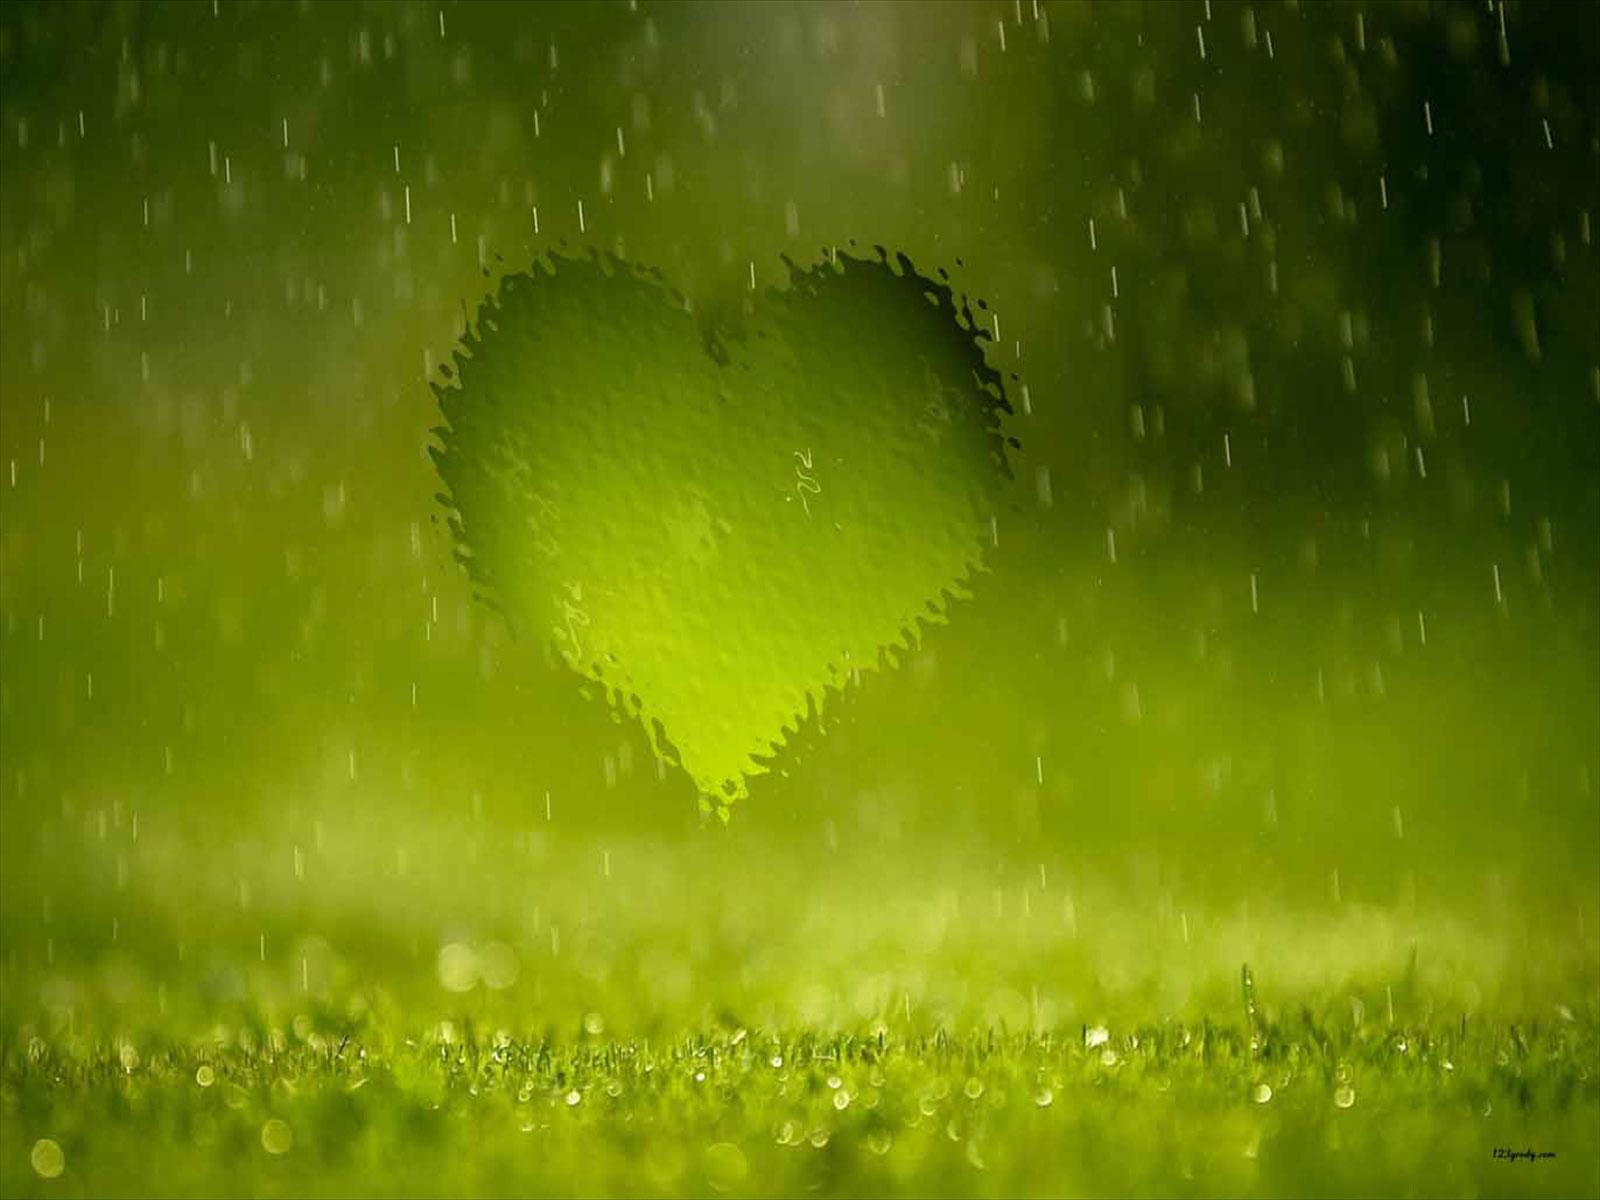 Heart Rainy Image